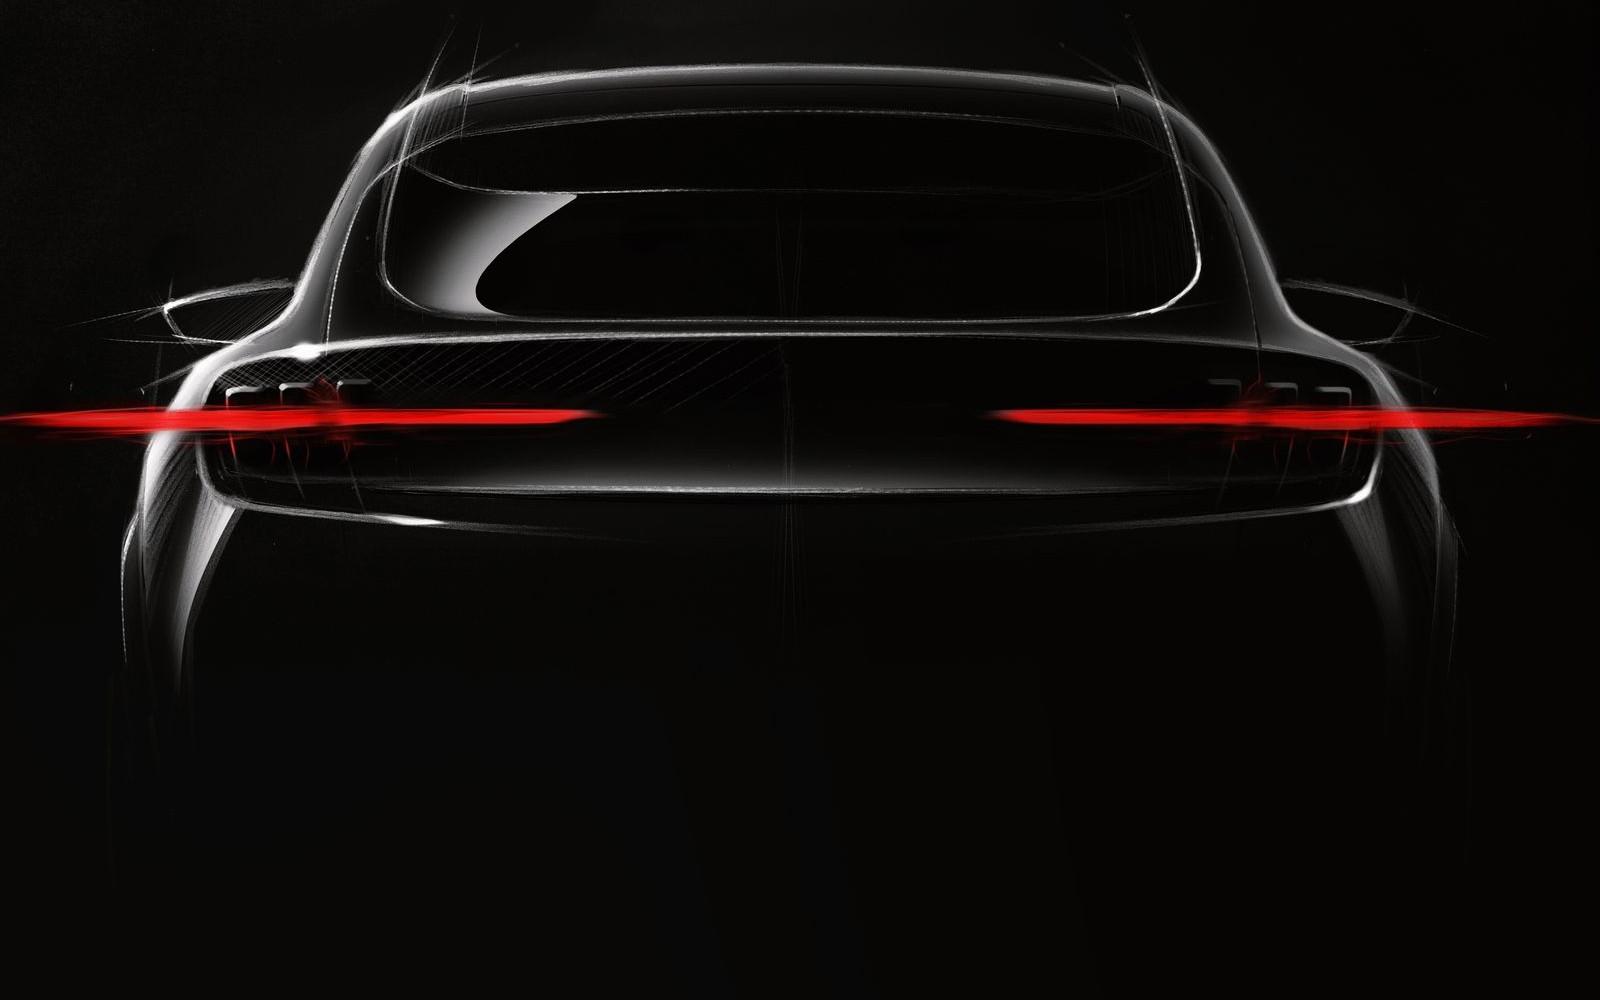 Тизер доступного купеобразного электрического кроссовера Ford, который обещают представить в 2020 году.